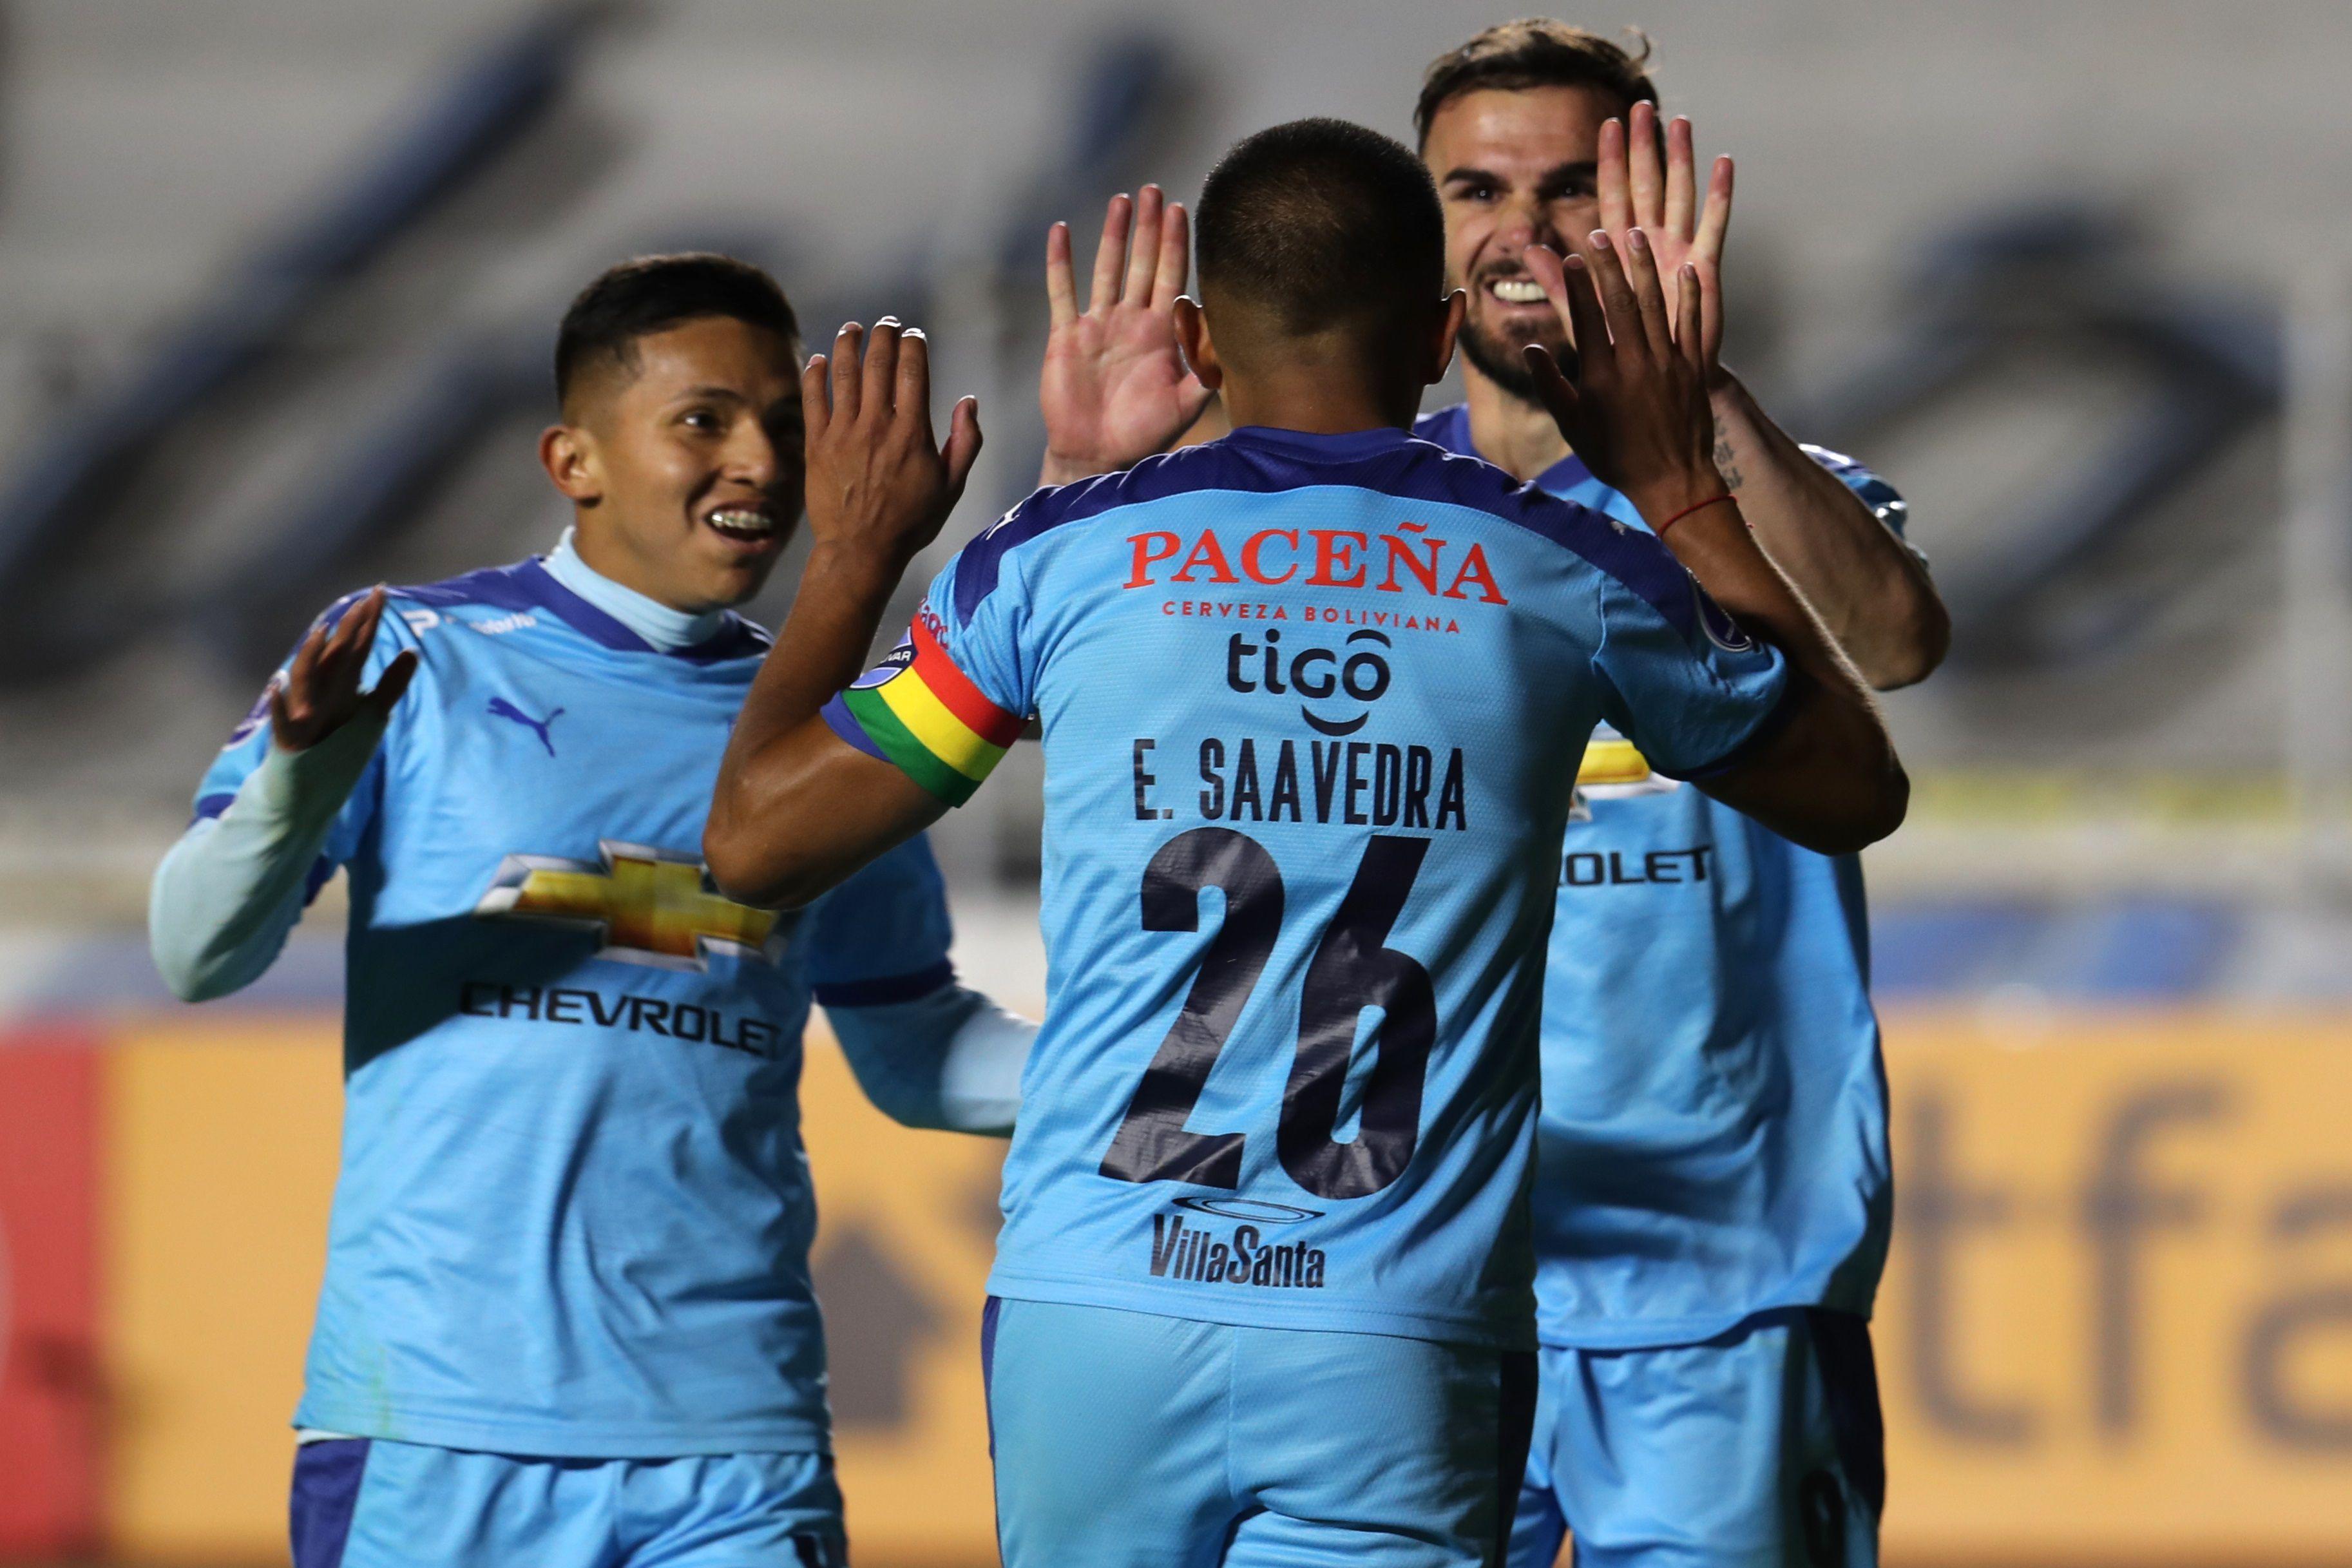 Erwin Mario Saavedra Flores (26), volante del Bolívar, celebra con sus compañeros una anotación ante el Arsenal, durante un partido por el Grupo C de la Copa Sudamericana hoy, en el estadio Hernando Siles de La Paz (Bolivia). EFE/ Martín Alipaz